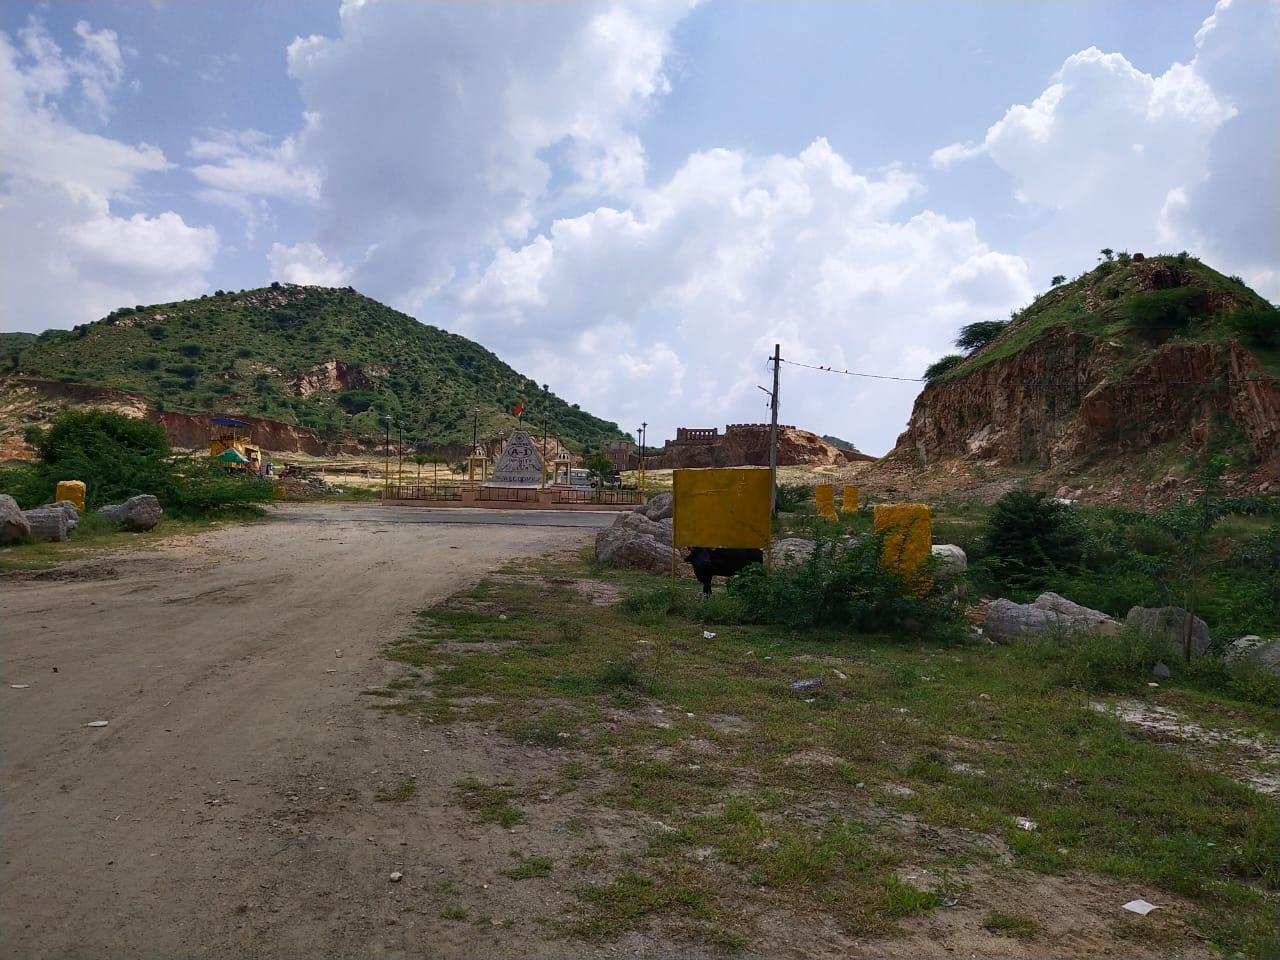 अजमेर में पहाड़ी ध्वस्त कर तैयार किया जा रहा रिसोर्ट